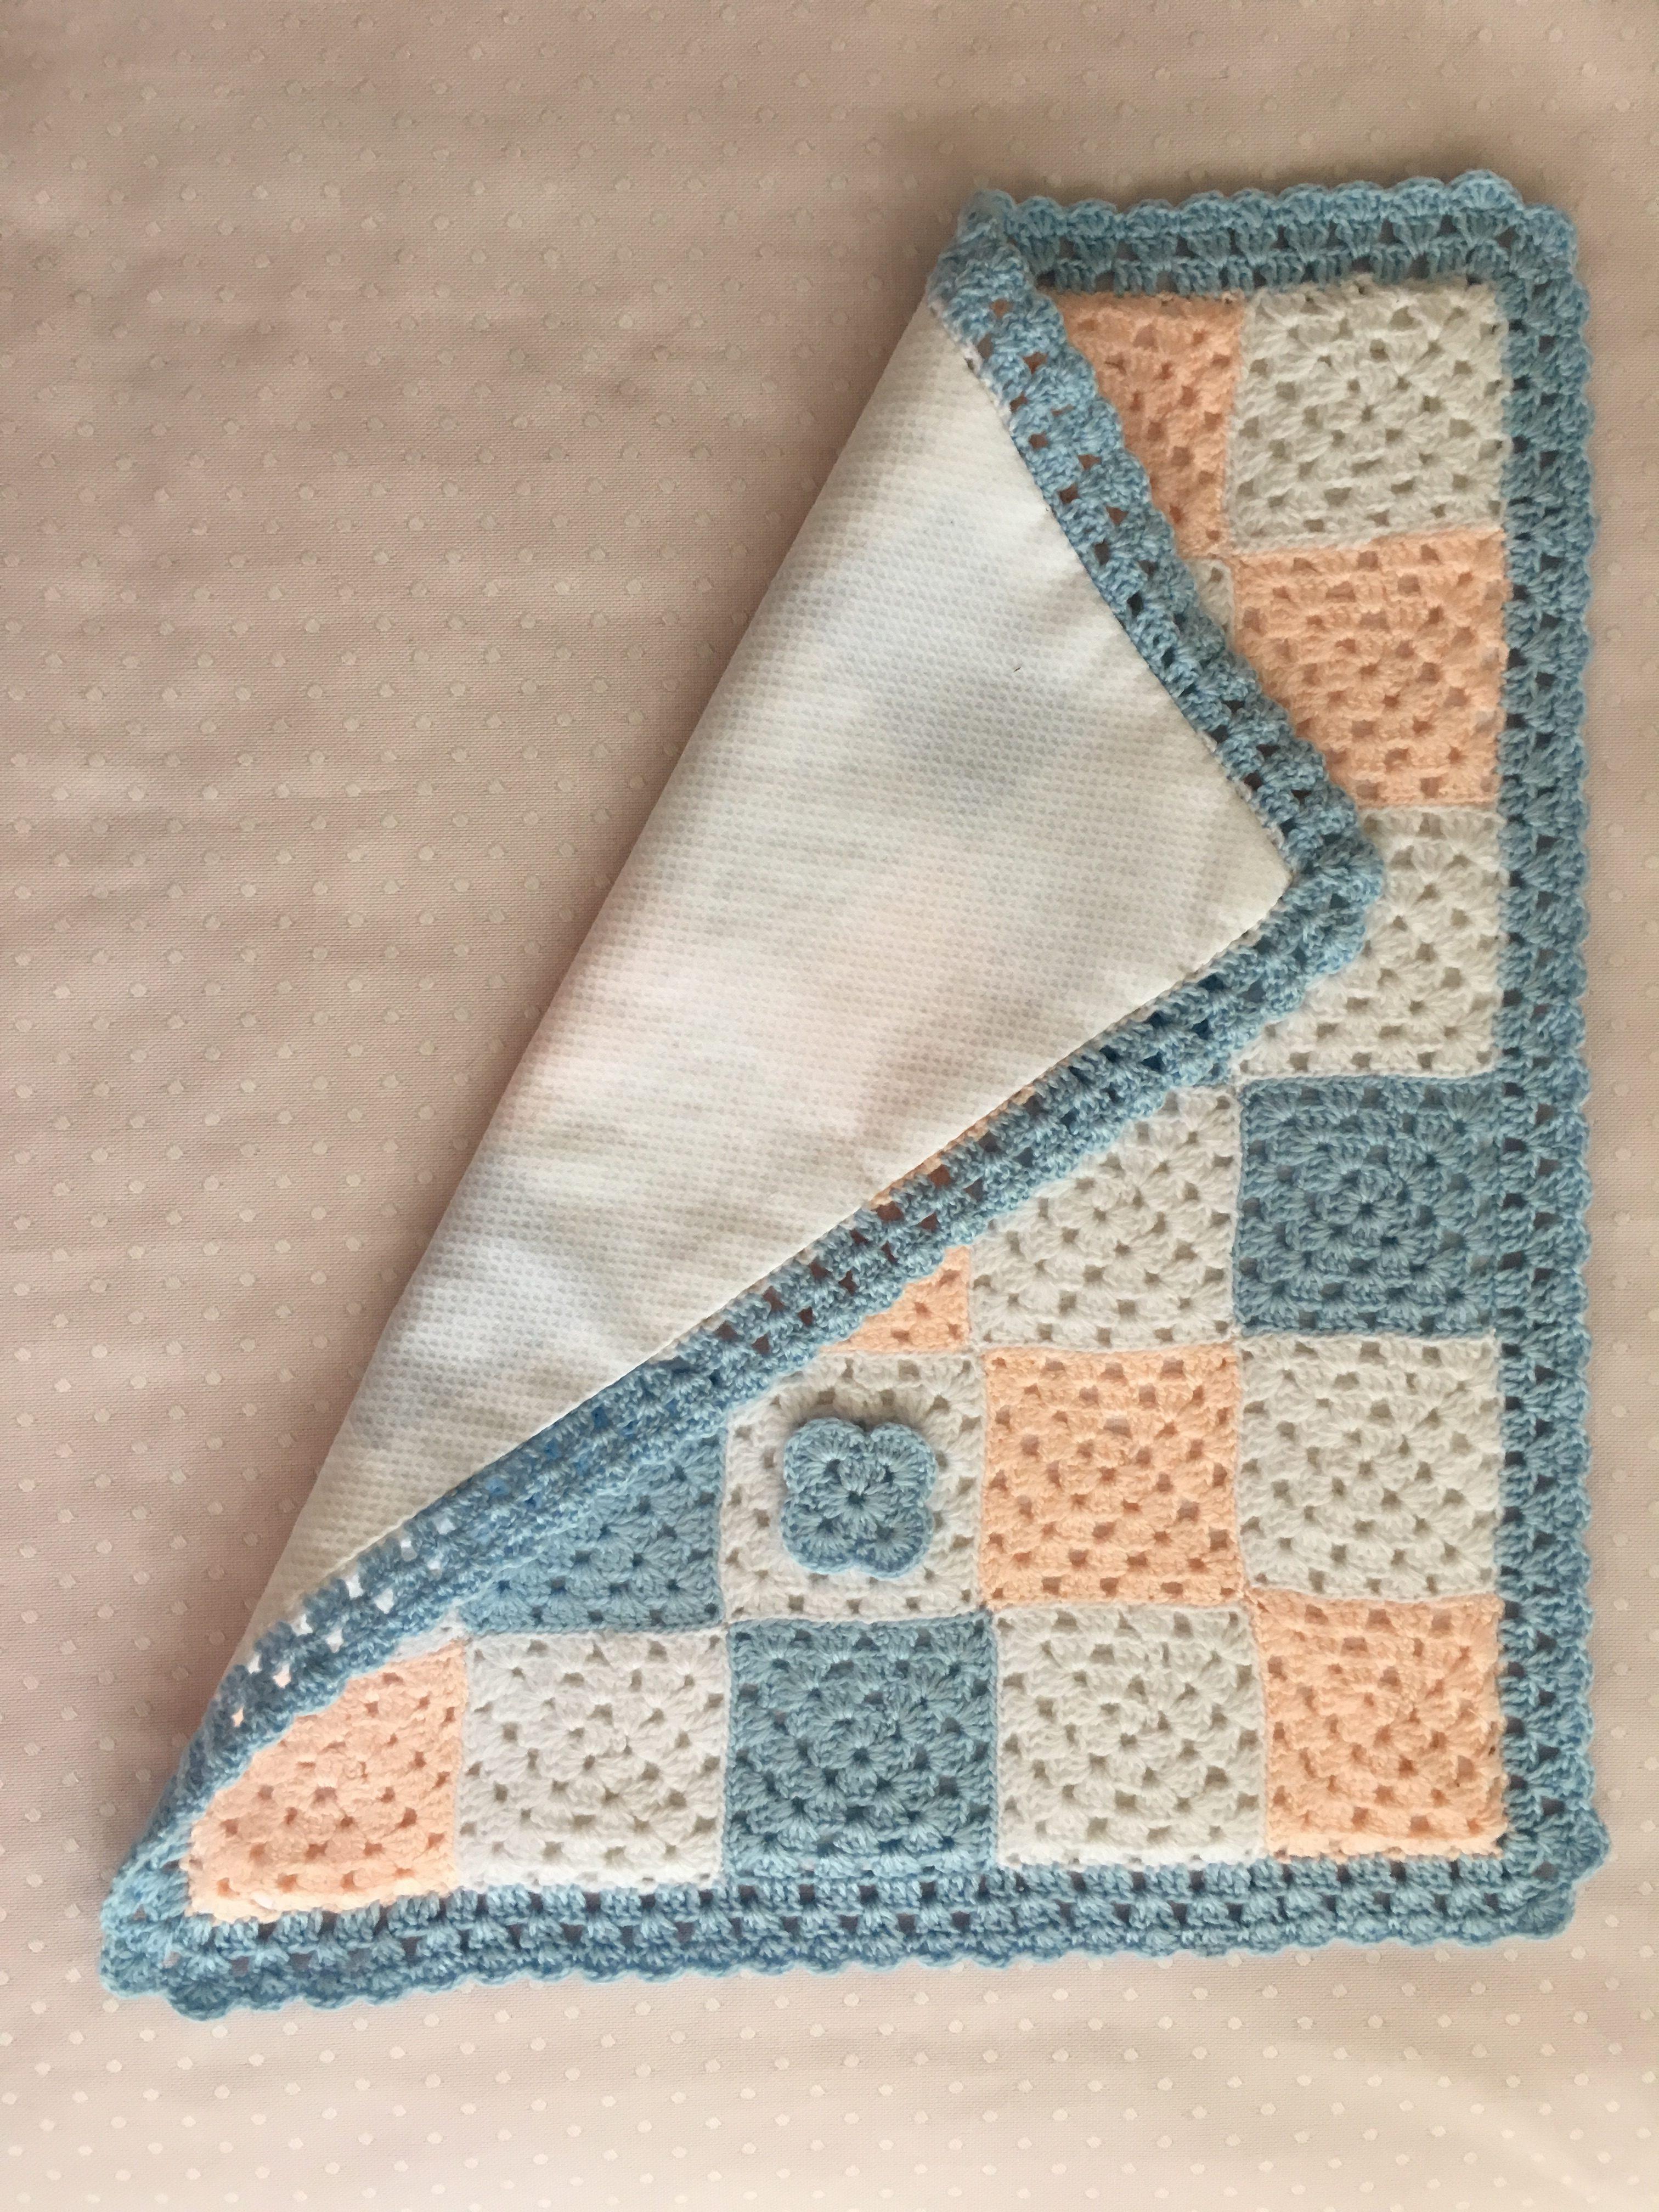 Como Hacer Cuadros De Crochet Para Mantas.Manta Para Bebe 2 En Mis Manitas Diy Blog De Manualidades Y Reciclaje